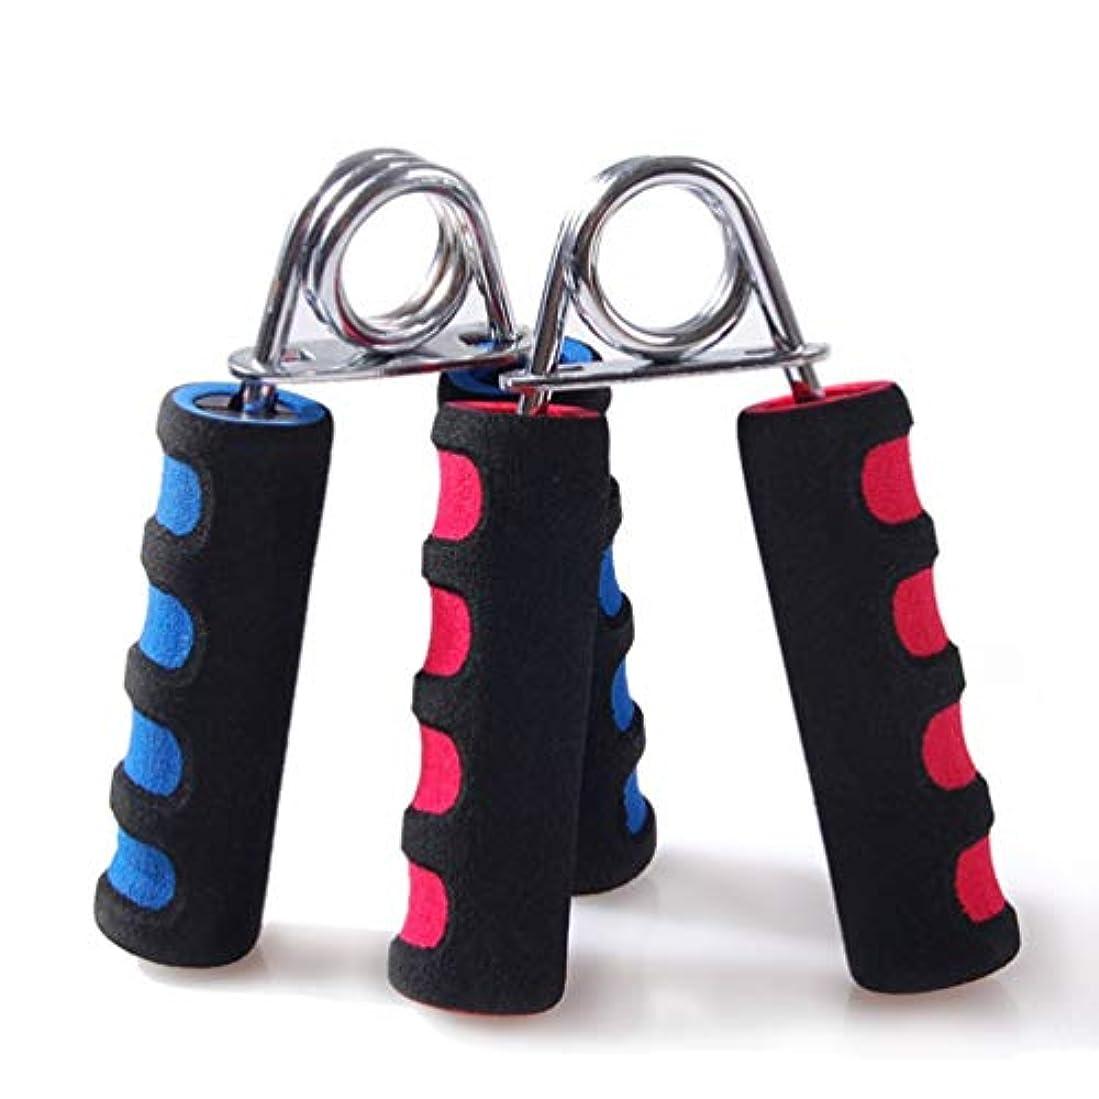 ポーチ柔らかい足フォージハンドグリッパーアーム手首エクササイザフィットネスグリップジムと毎日の運動のためのヘビーストレングストレーナー - カラーランダム